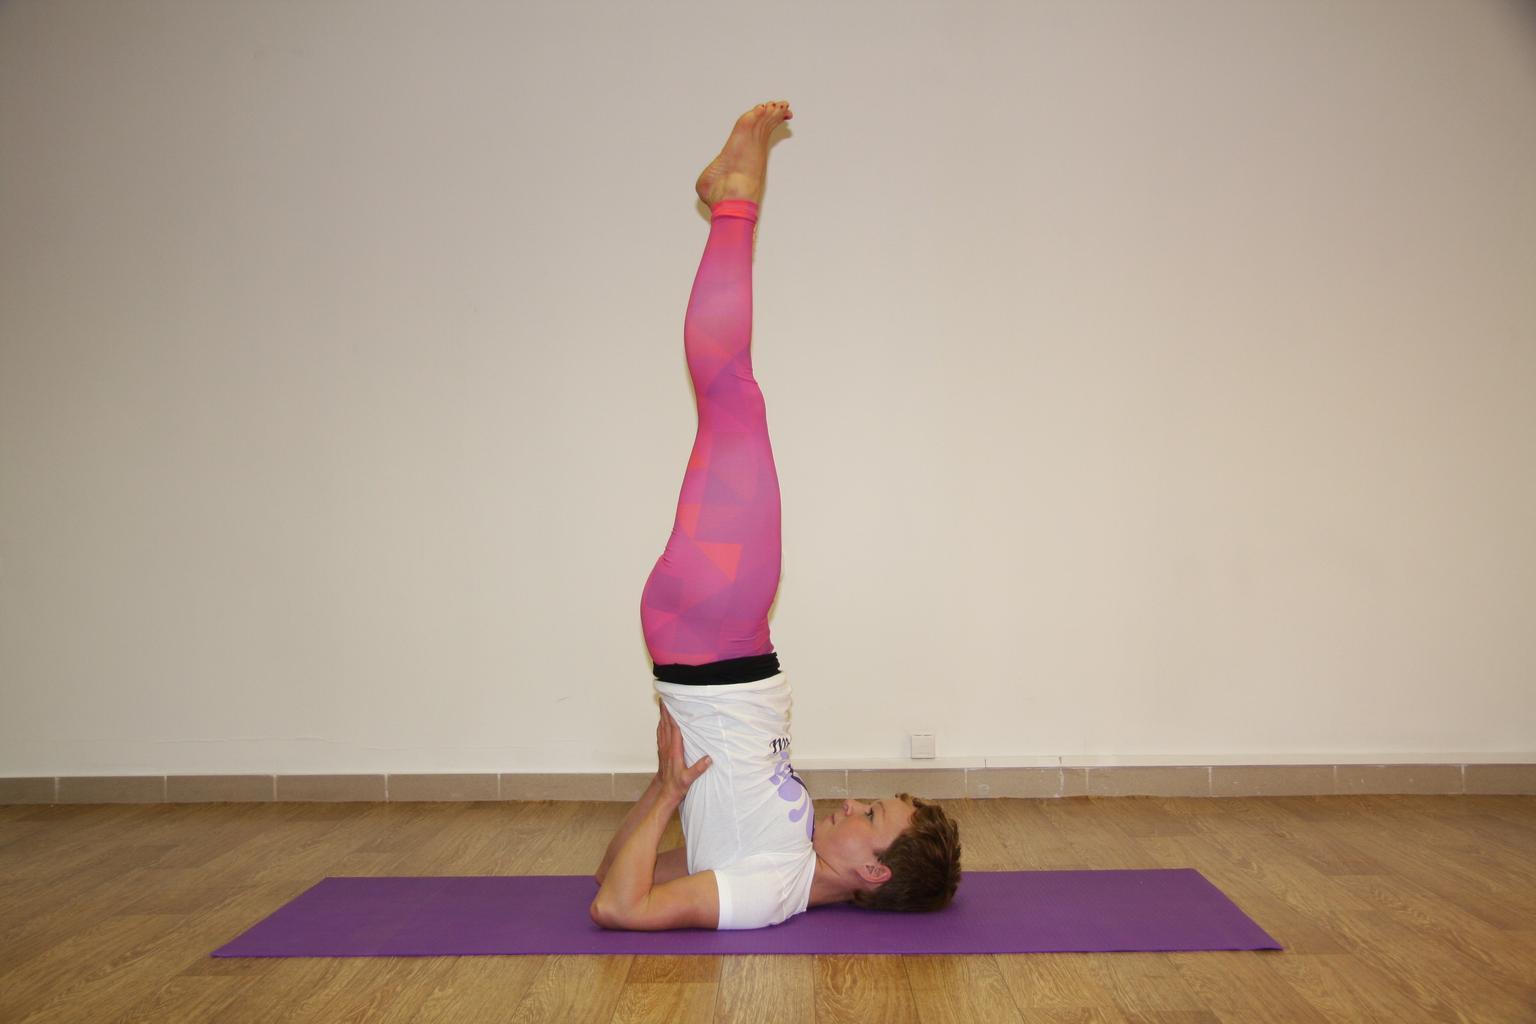 yoga per ridurre la minzione frequente